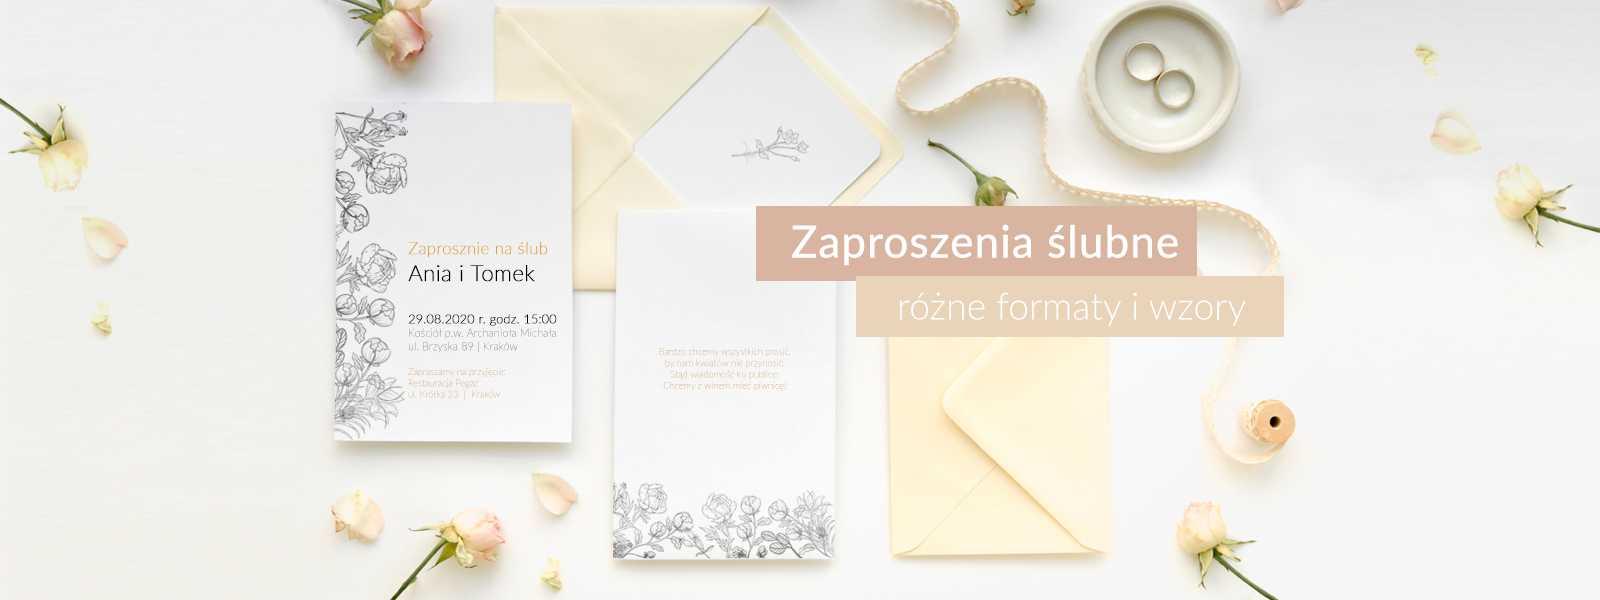 Zaproszenia_Agart_1